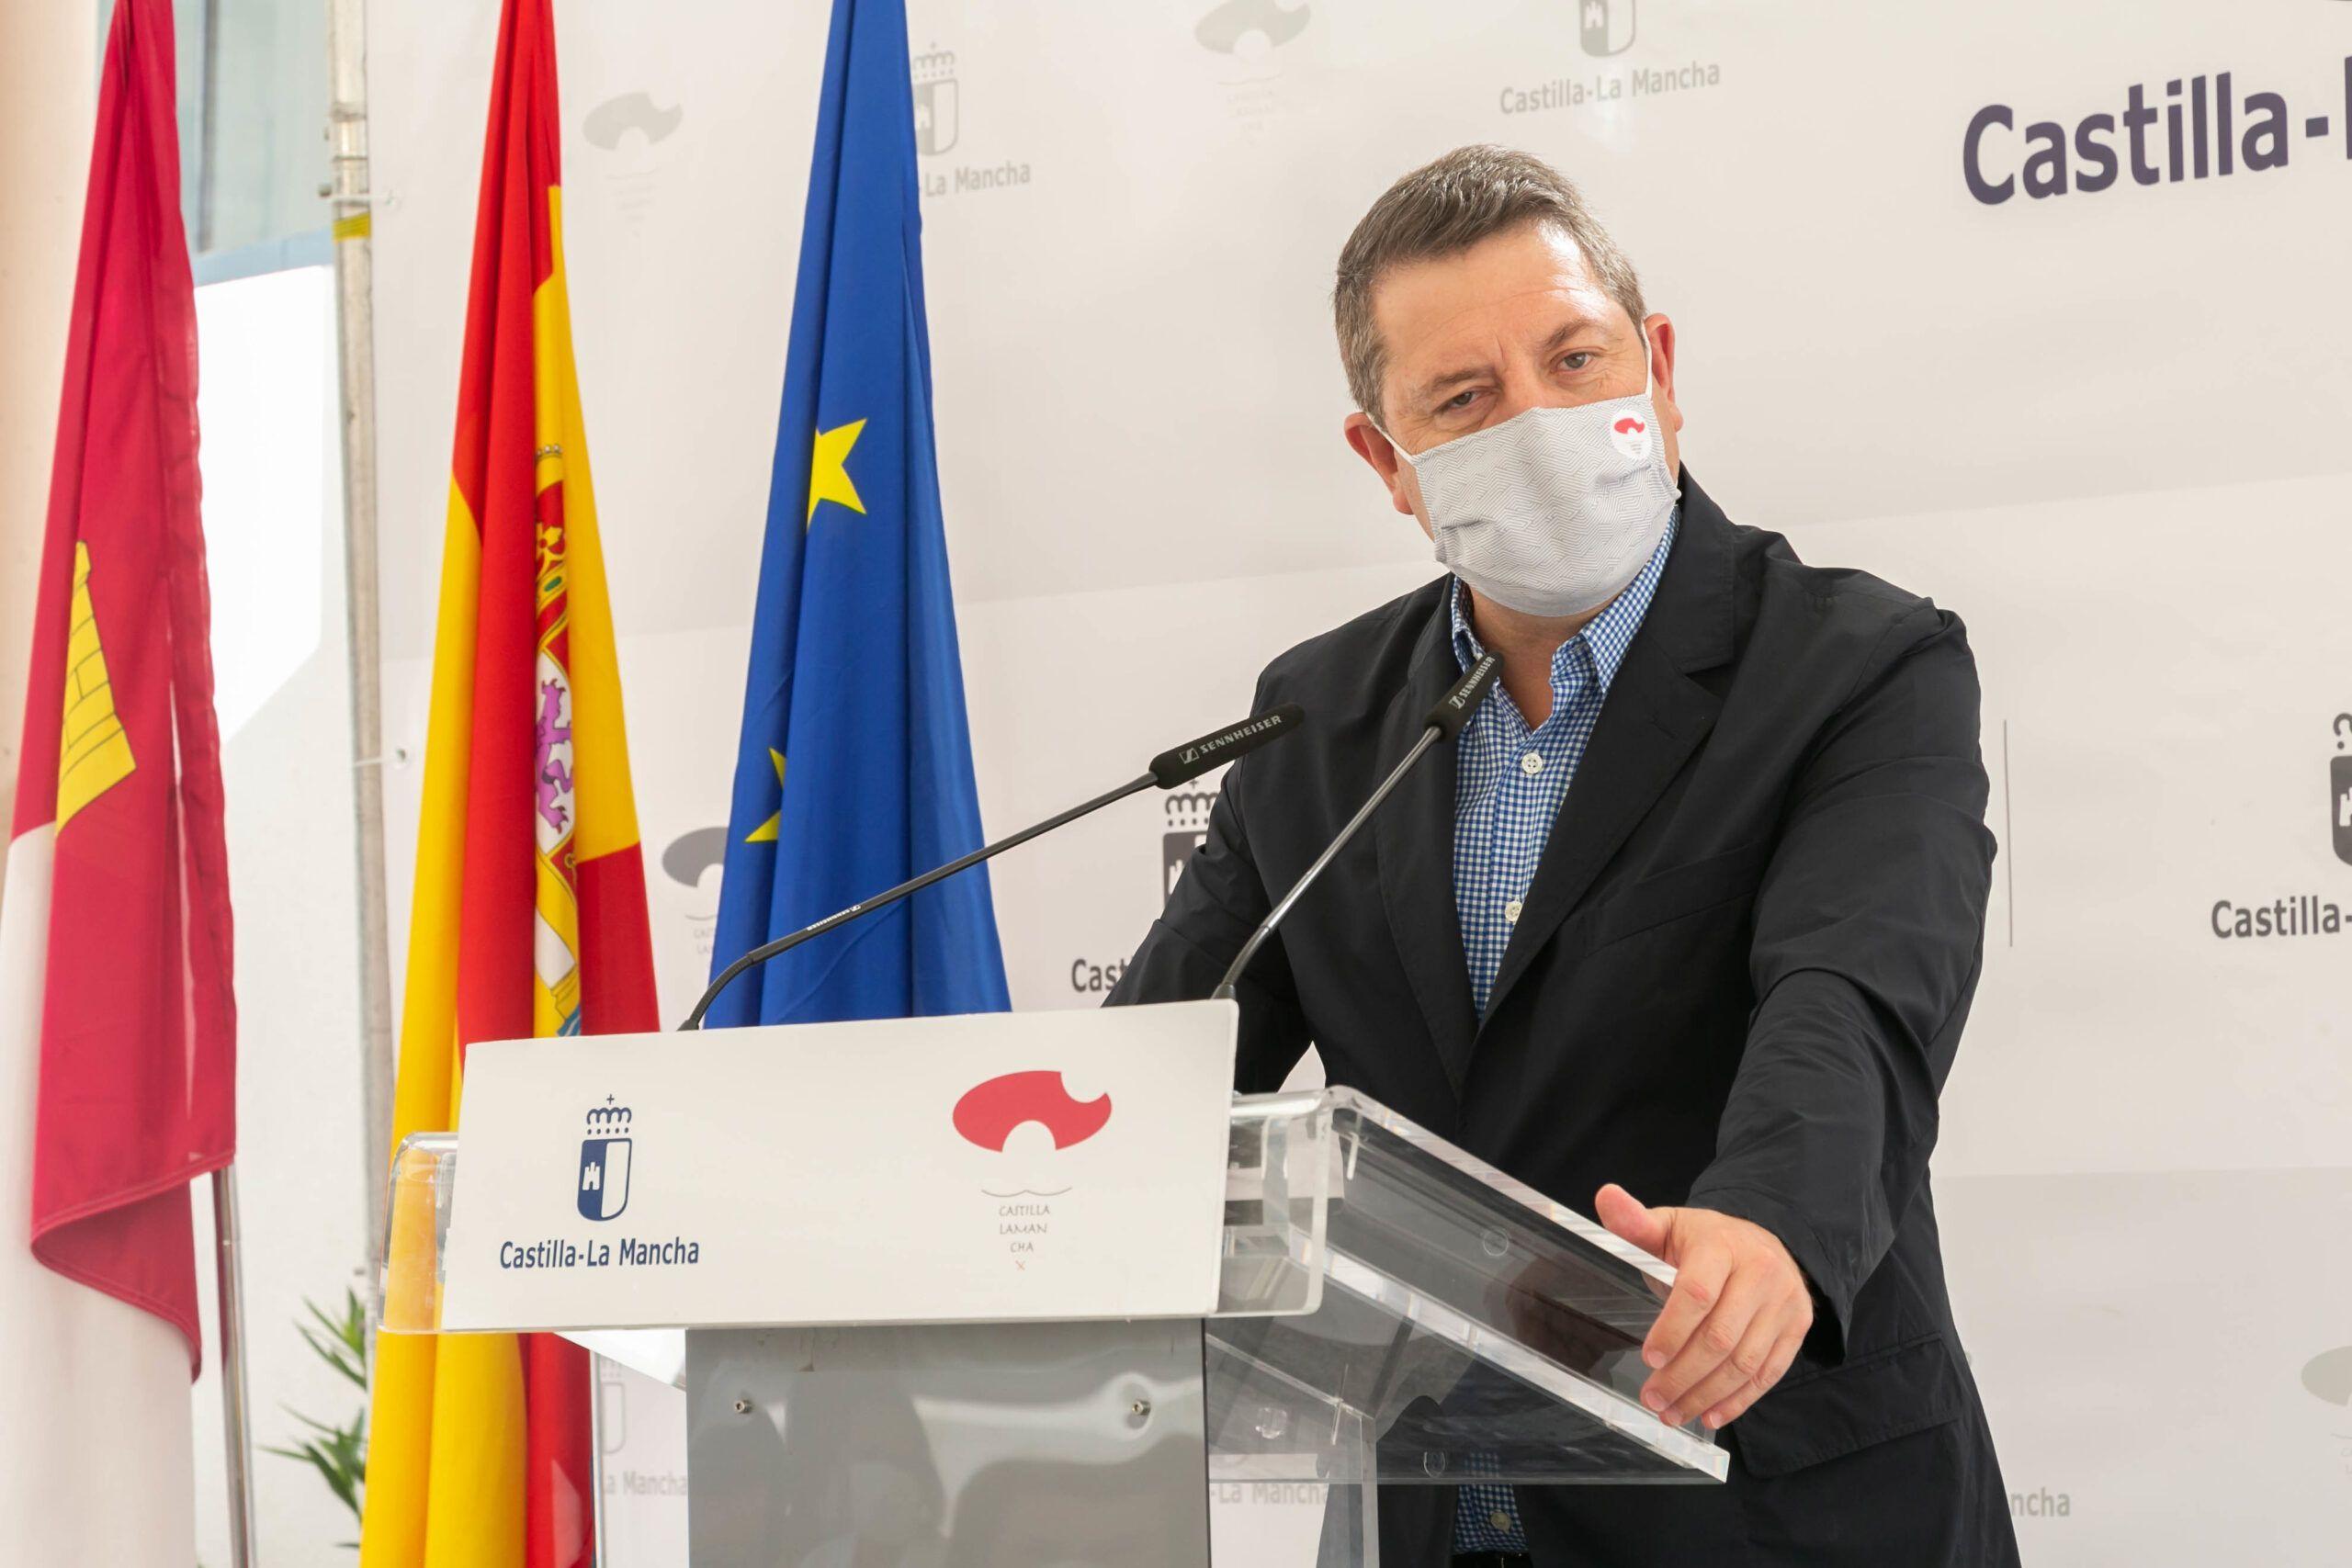 El Consejo de Gobierno dará luz verde a 8 millones de euros para ayudas de inserción laboral y 19 millones más dirigidos a actuaciones en residencias de mayores